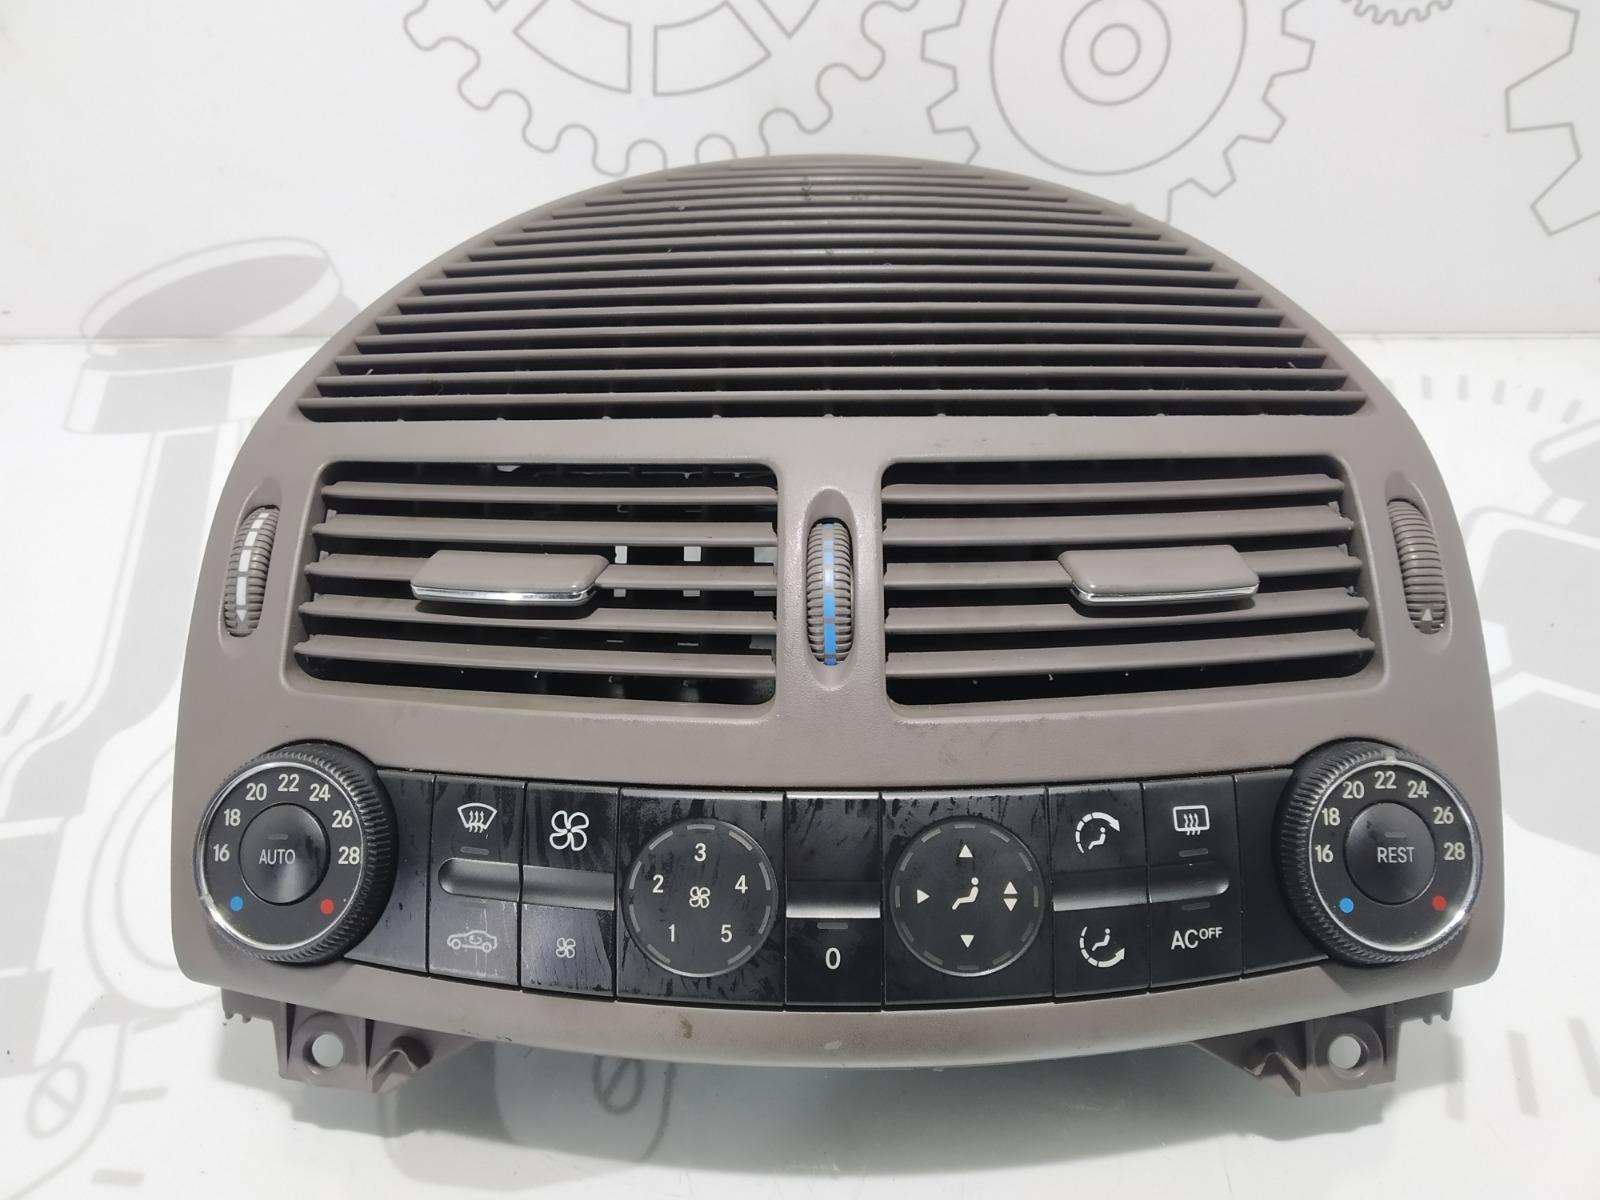 Блок управления печки/климат-контроля Mercedes E W211 3.2 CDI 2003 (б/у)